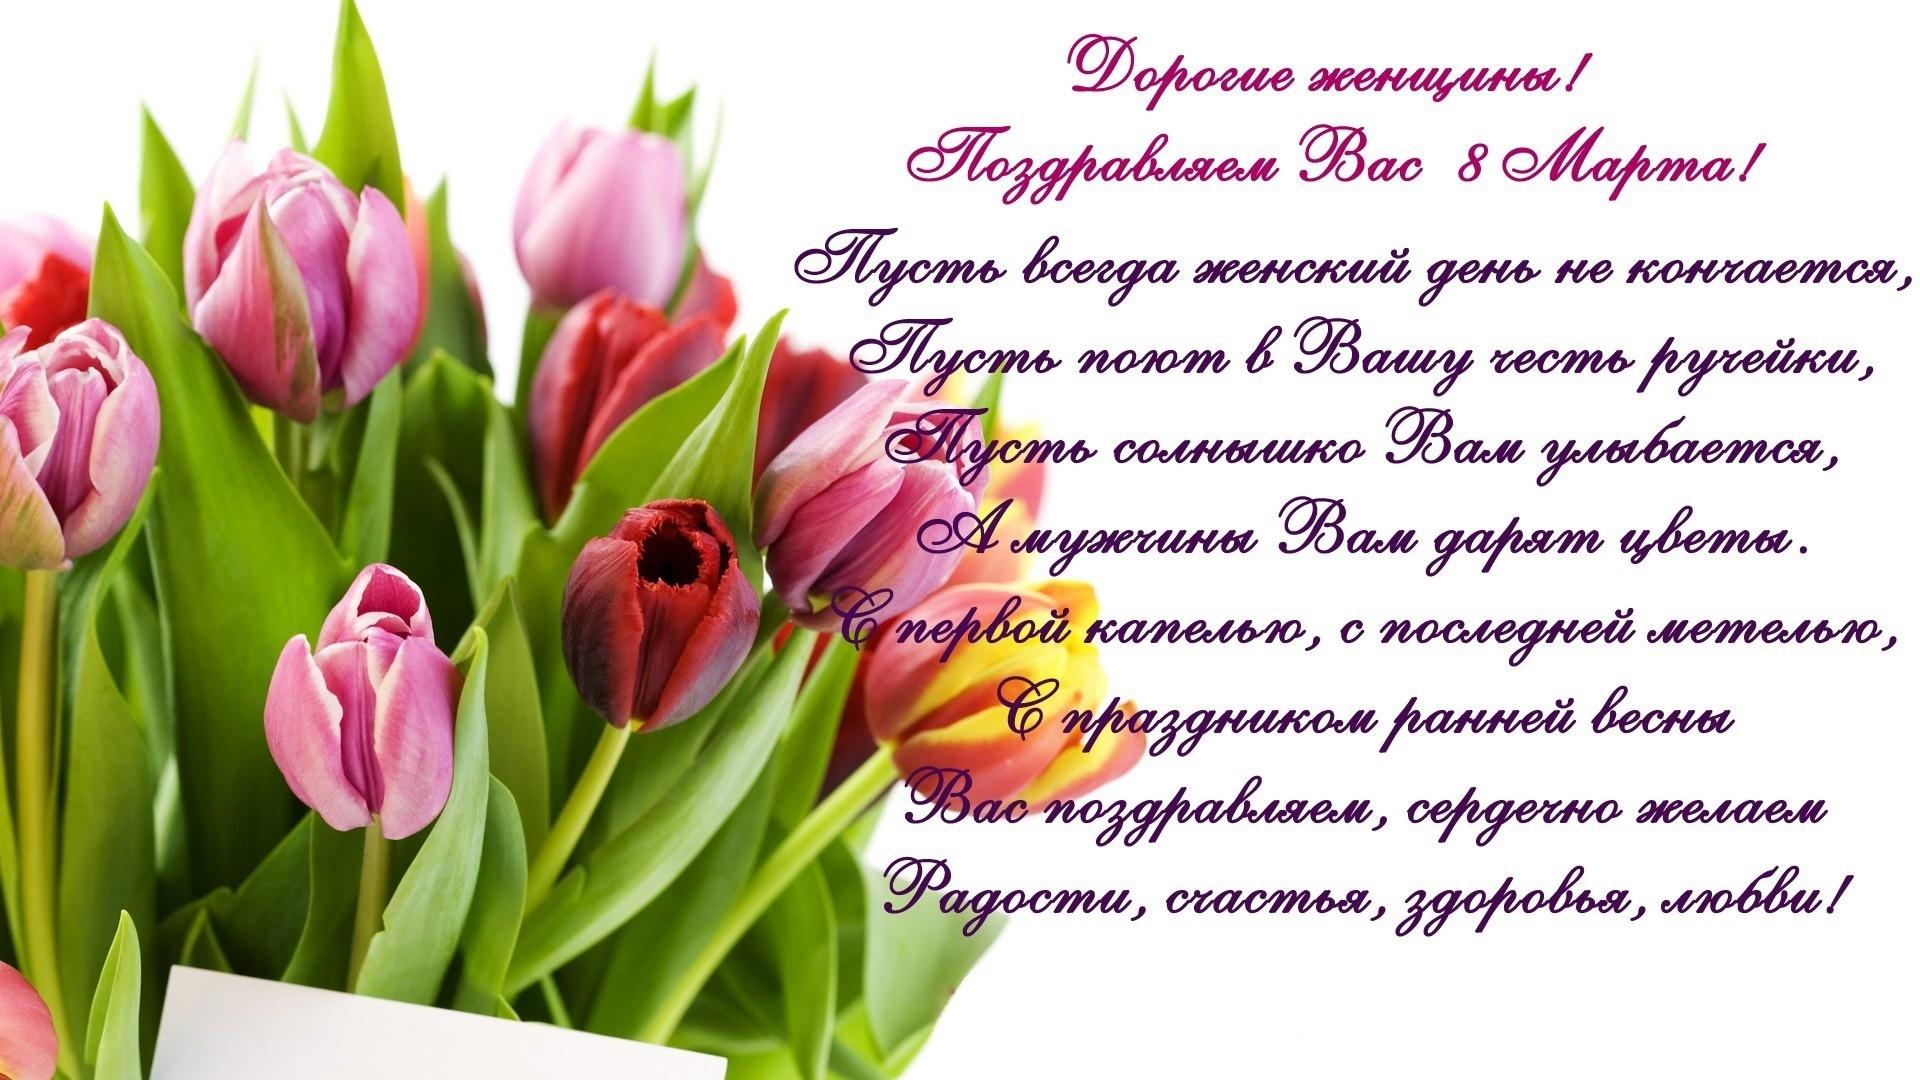 Открытка с днем рождения и 8 марта в один день